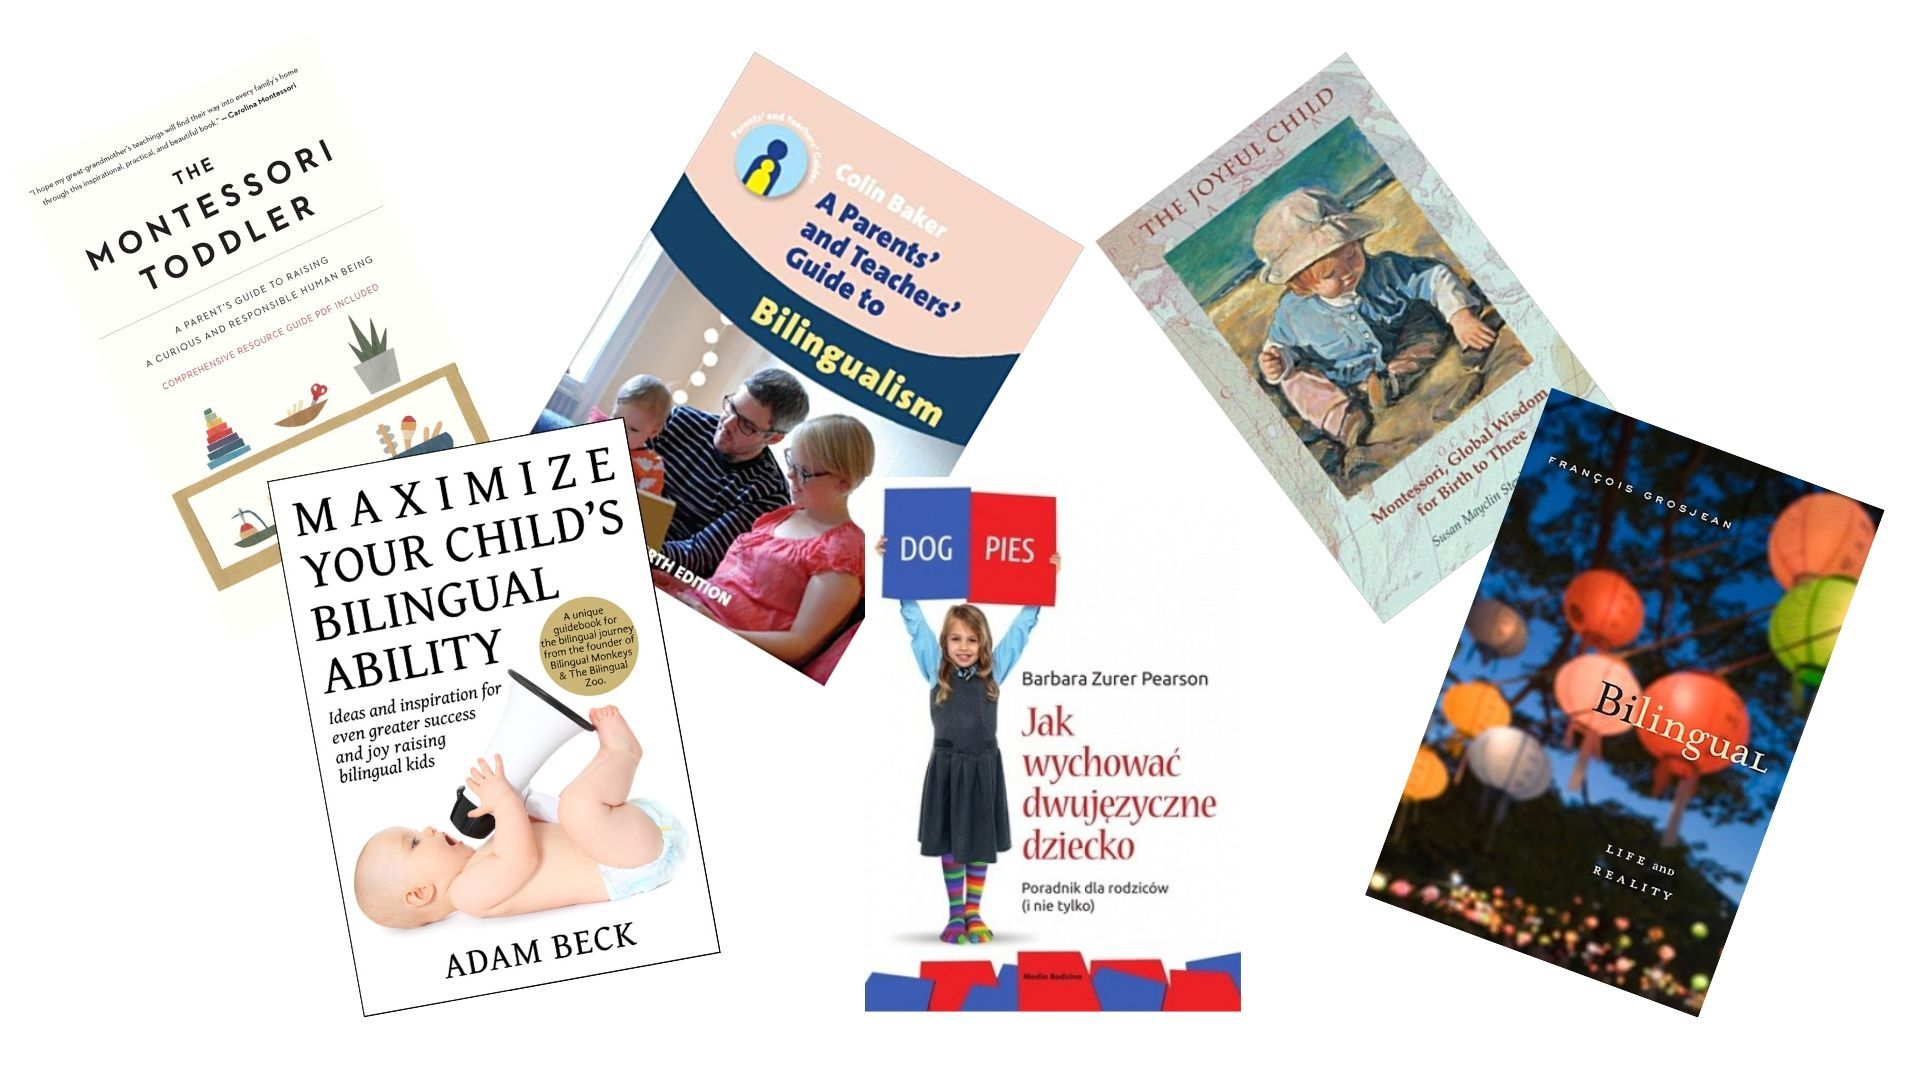 Książki o dwujęzyczności - co warto przeczytać?